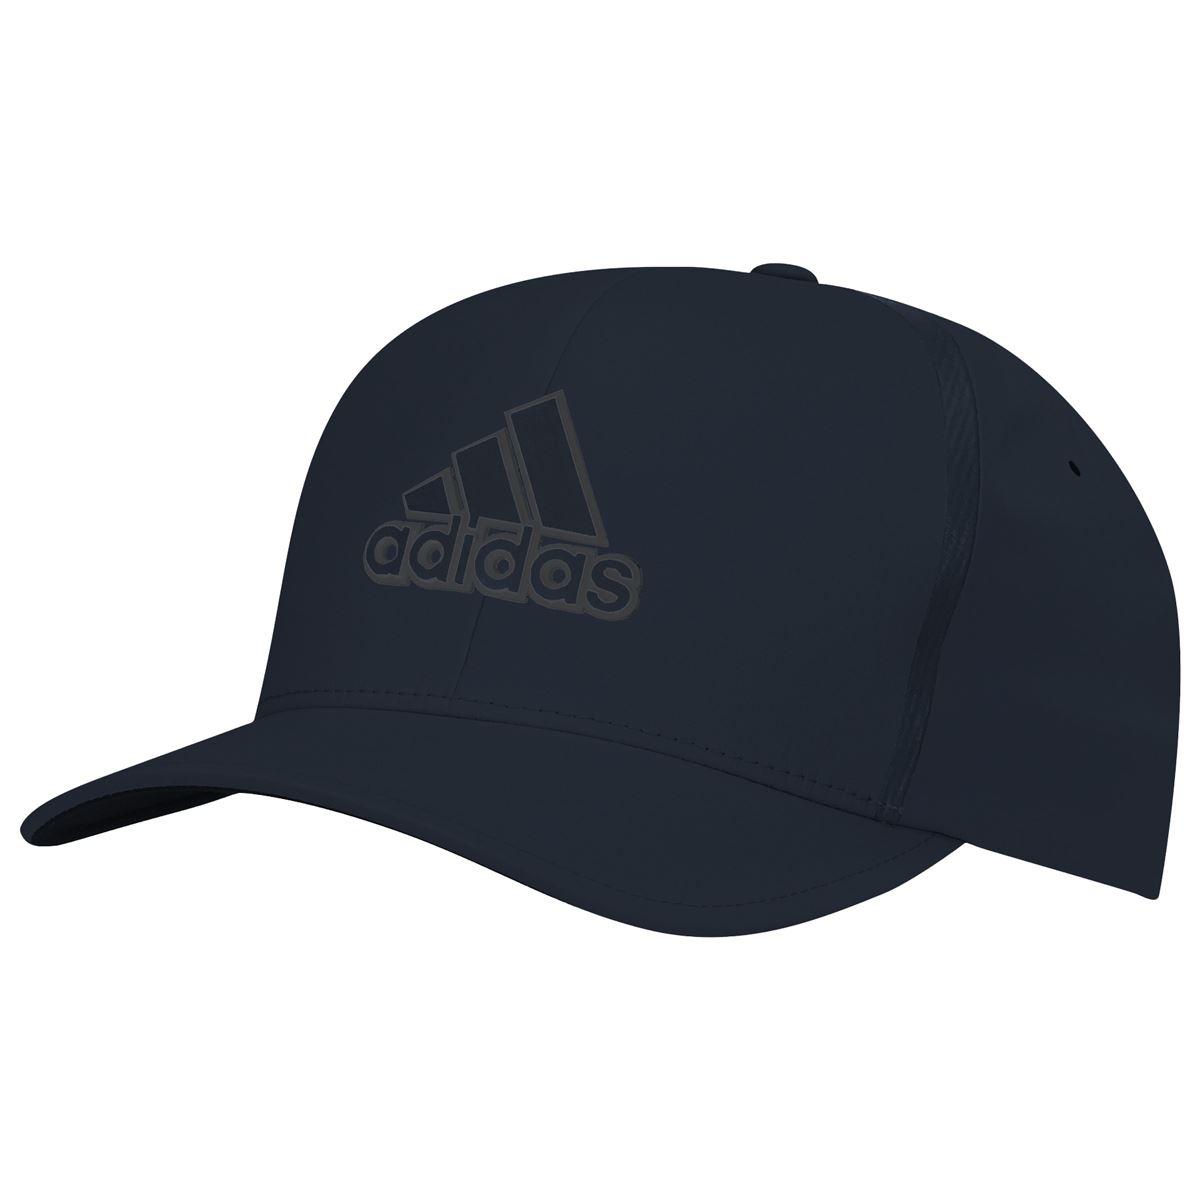 4f3d300bc63 adidas Tour Delta Textured Baseball Cap Black